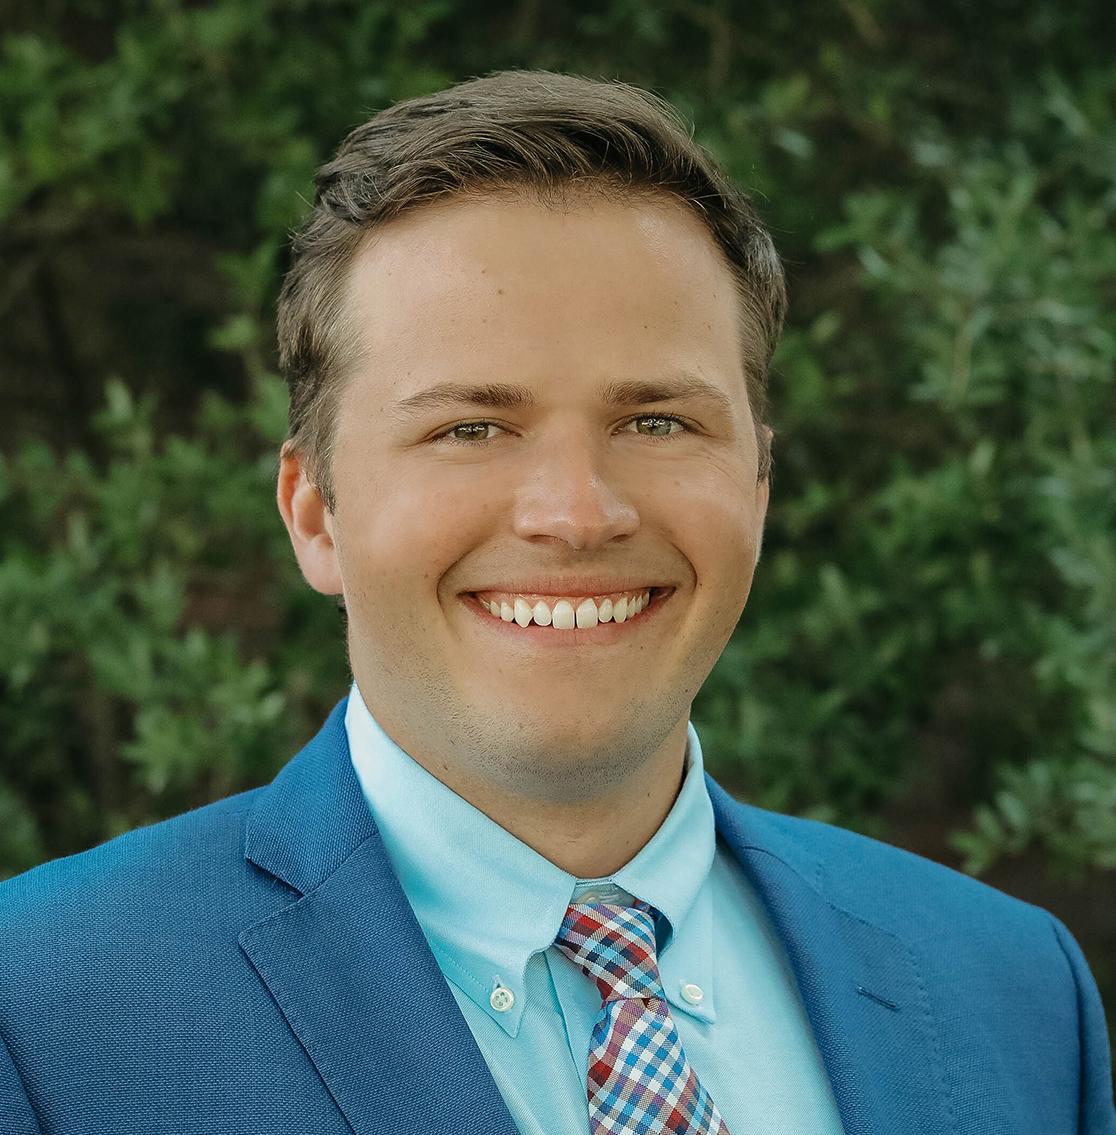 Wesley Tolsdorf